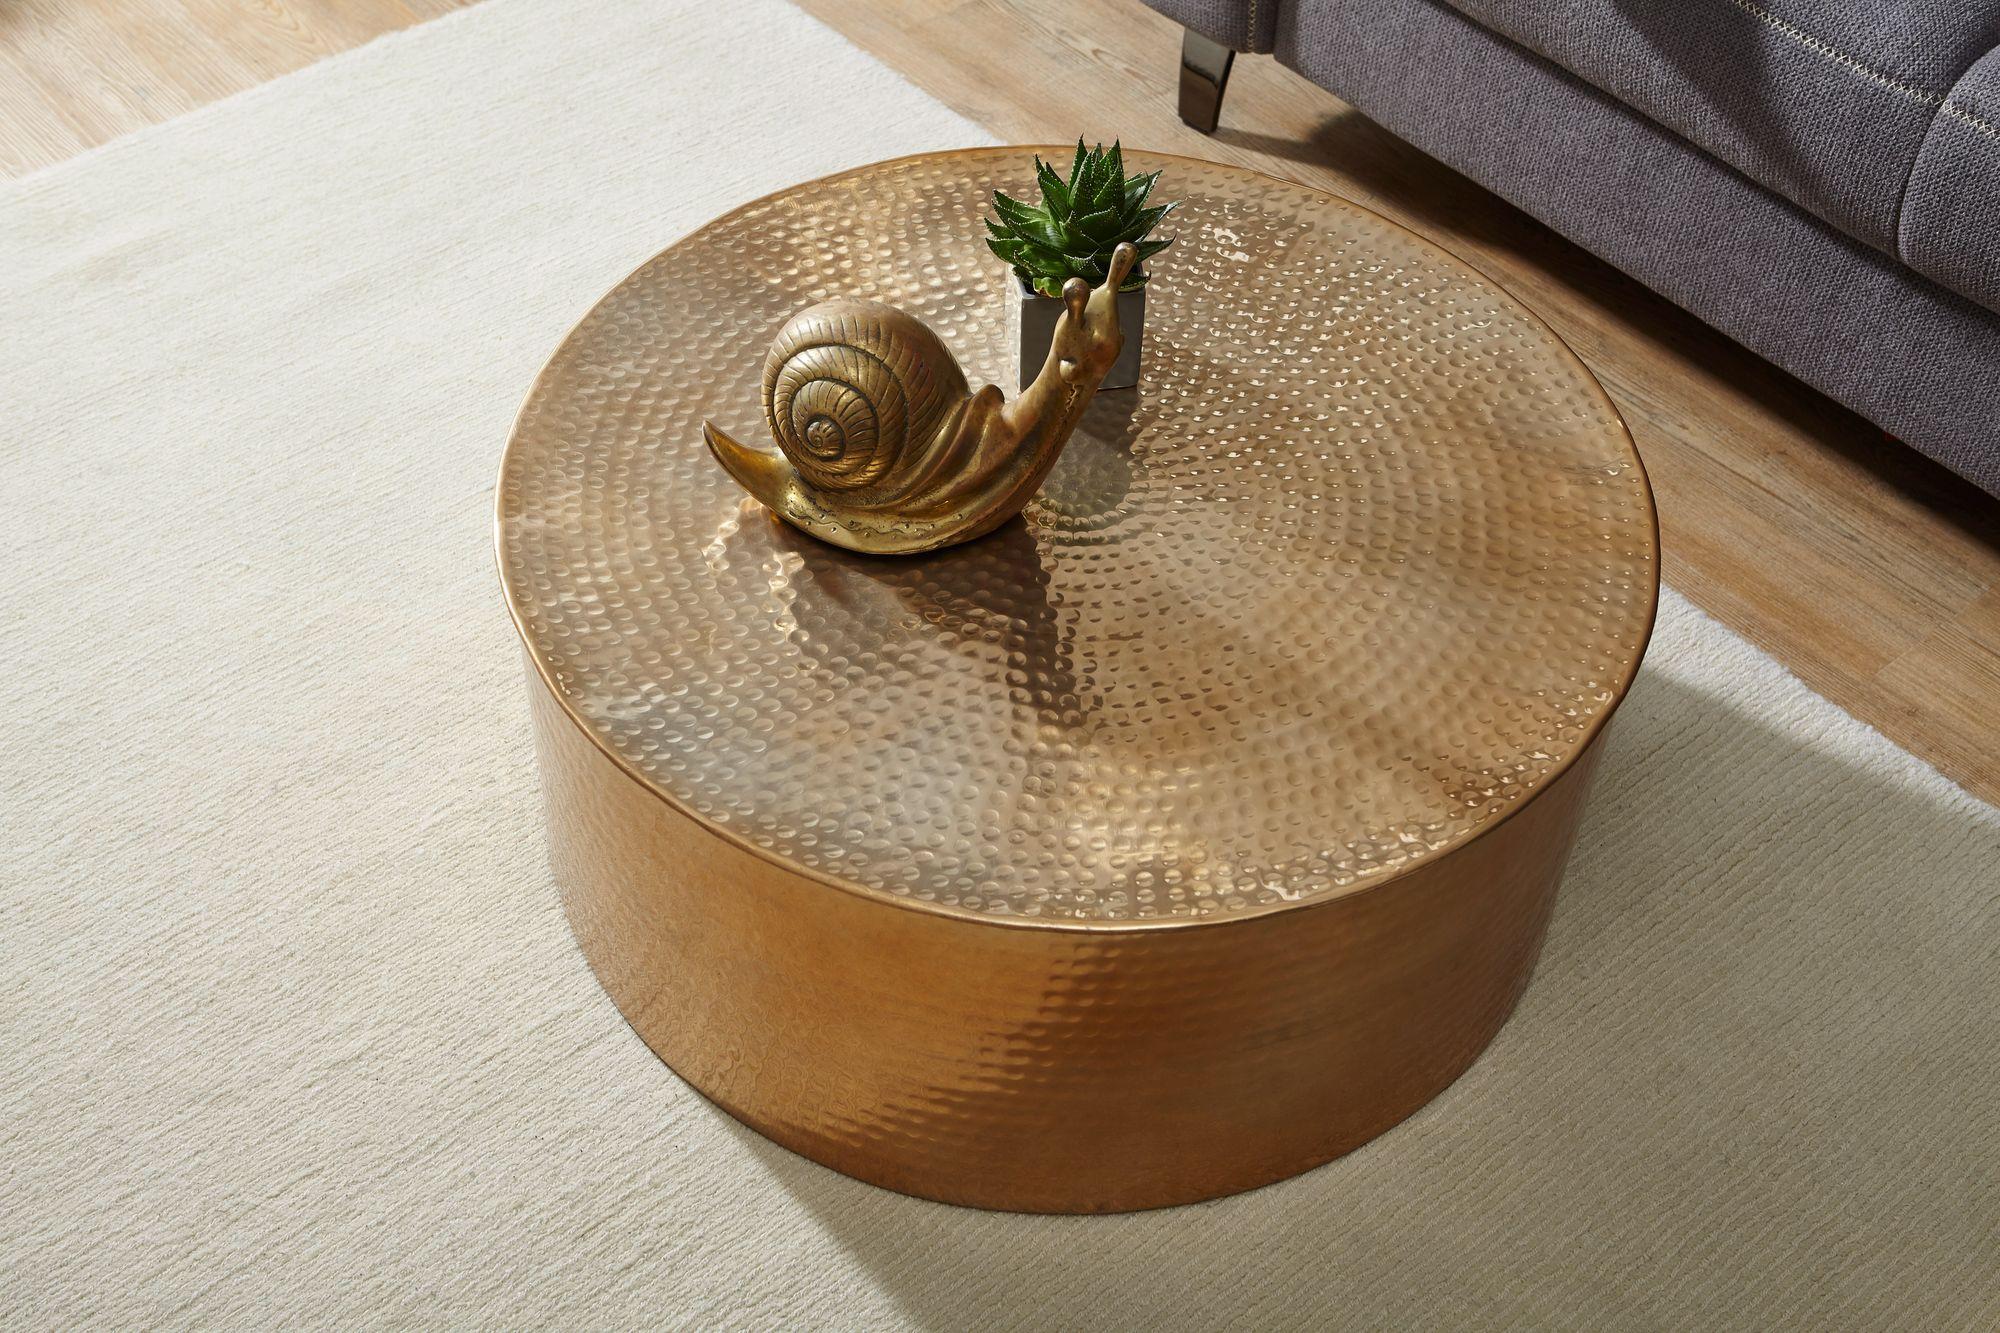 Weran couchtisch rahi 75x31x75 cm aluminium beistelltisch for Couchtisch orientalisch